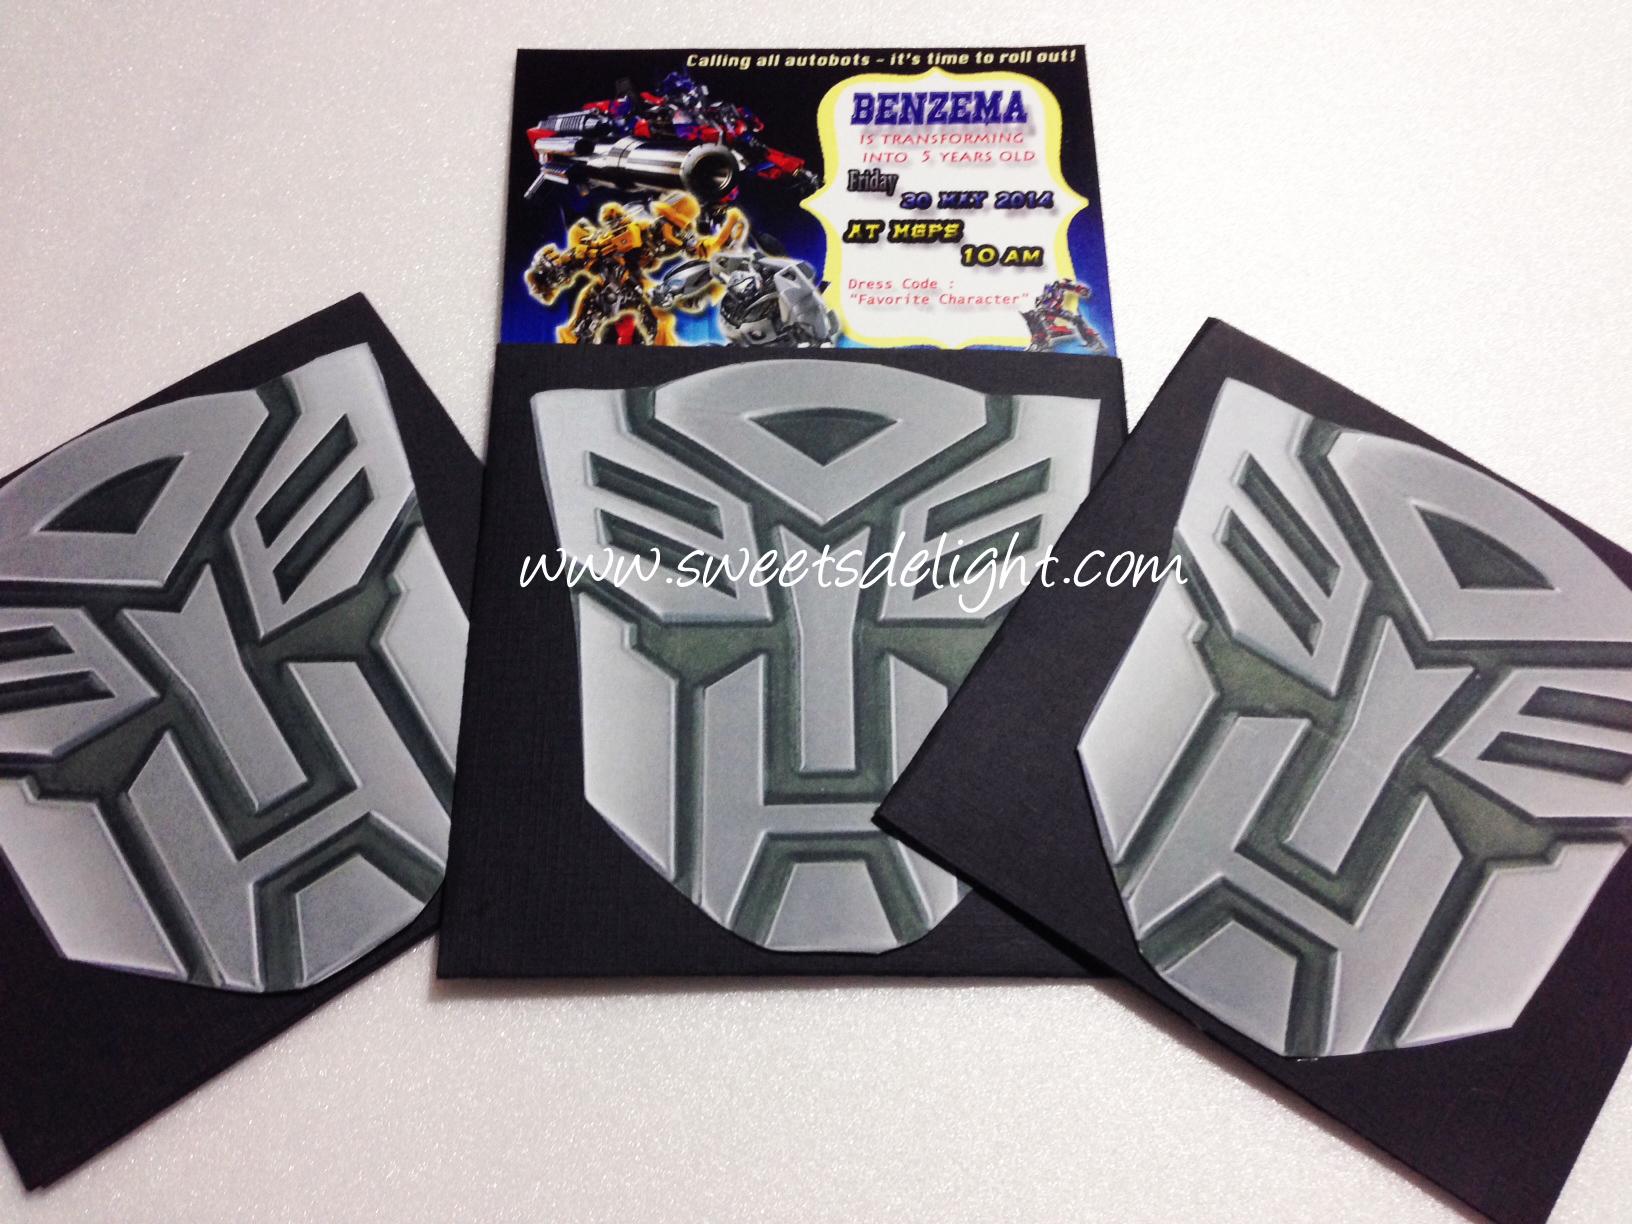 transformers invitation benzema 5th